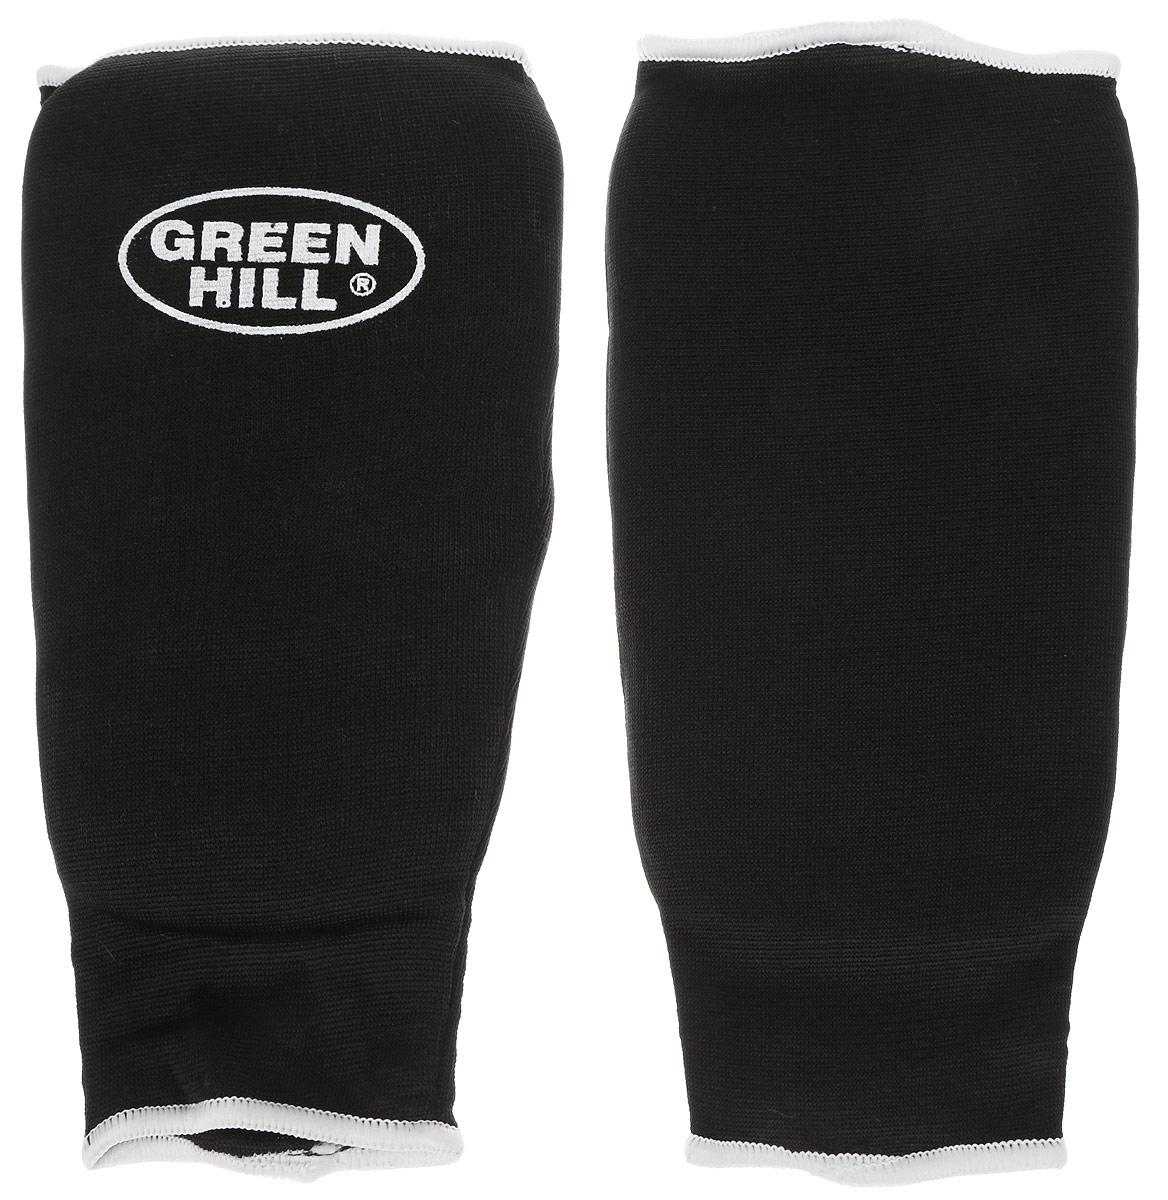 Защита на предплечье Green Hill, цвет: черный, белый. Размер S. AP-6132AP-6132Защита на предплечье Green Hill предназначена для занятий различными видами единоборств. Она защищает руки от синяков и ушибов. Защита изготовлена из хлопка с эластаном, мягкие вкладки изготовлены из вспененного полимера.